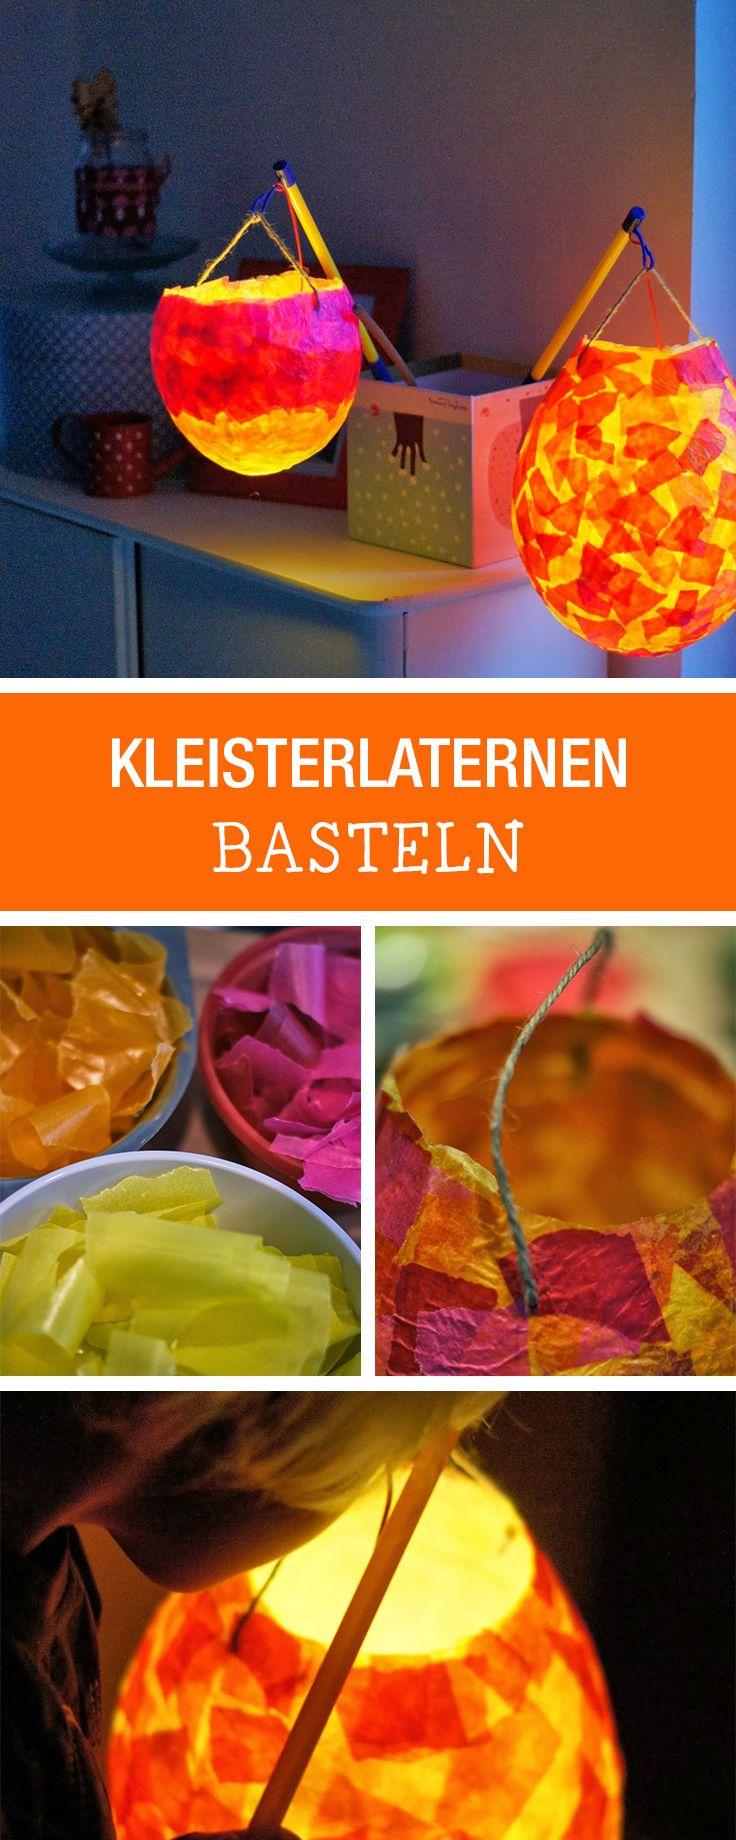 DIY-Anleitung: Kleisterlaternen für herbstlichen Laternenumzug mit Kindern basteln / DIY tutorial: crafting lanterns with kids for autumnal parade via DaWanda.com